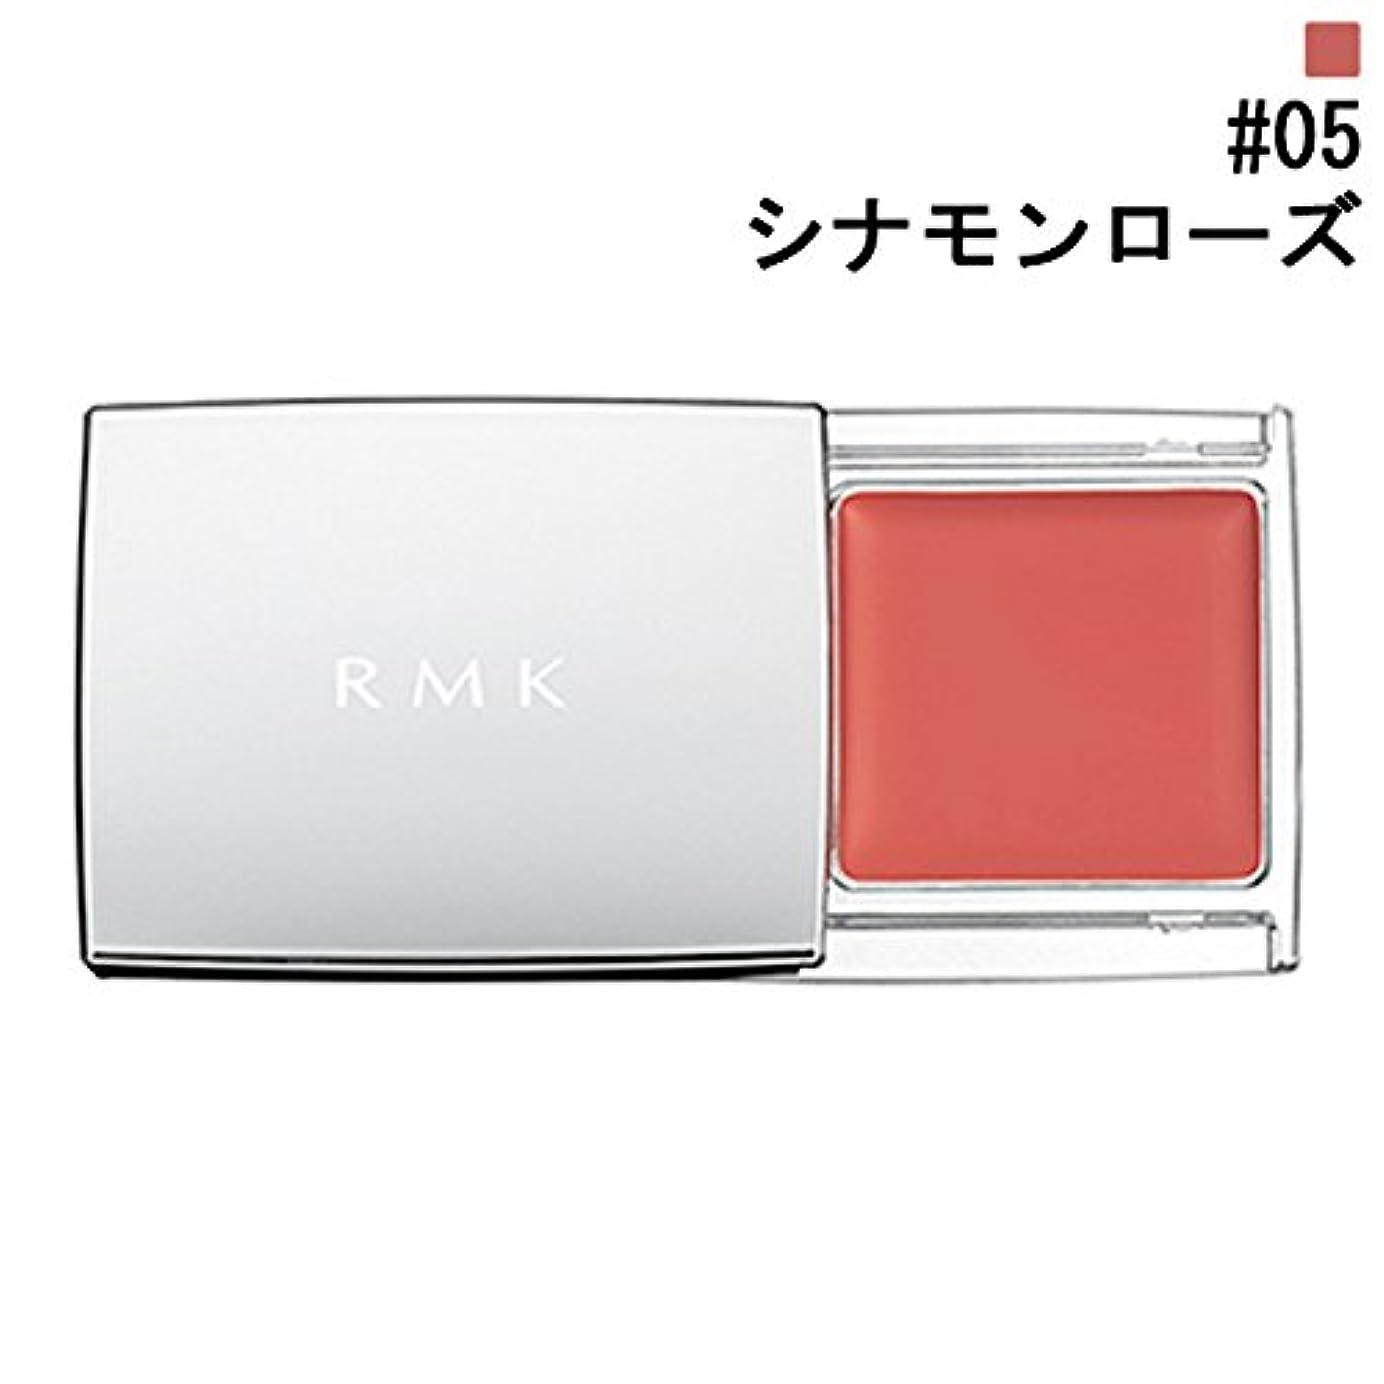 専制調整する争う【RMK (ルミコ)】RMK マルチペイントカラーズ #05 シナモンローズ 1.5g